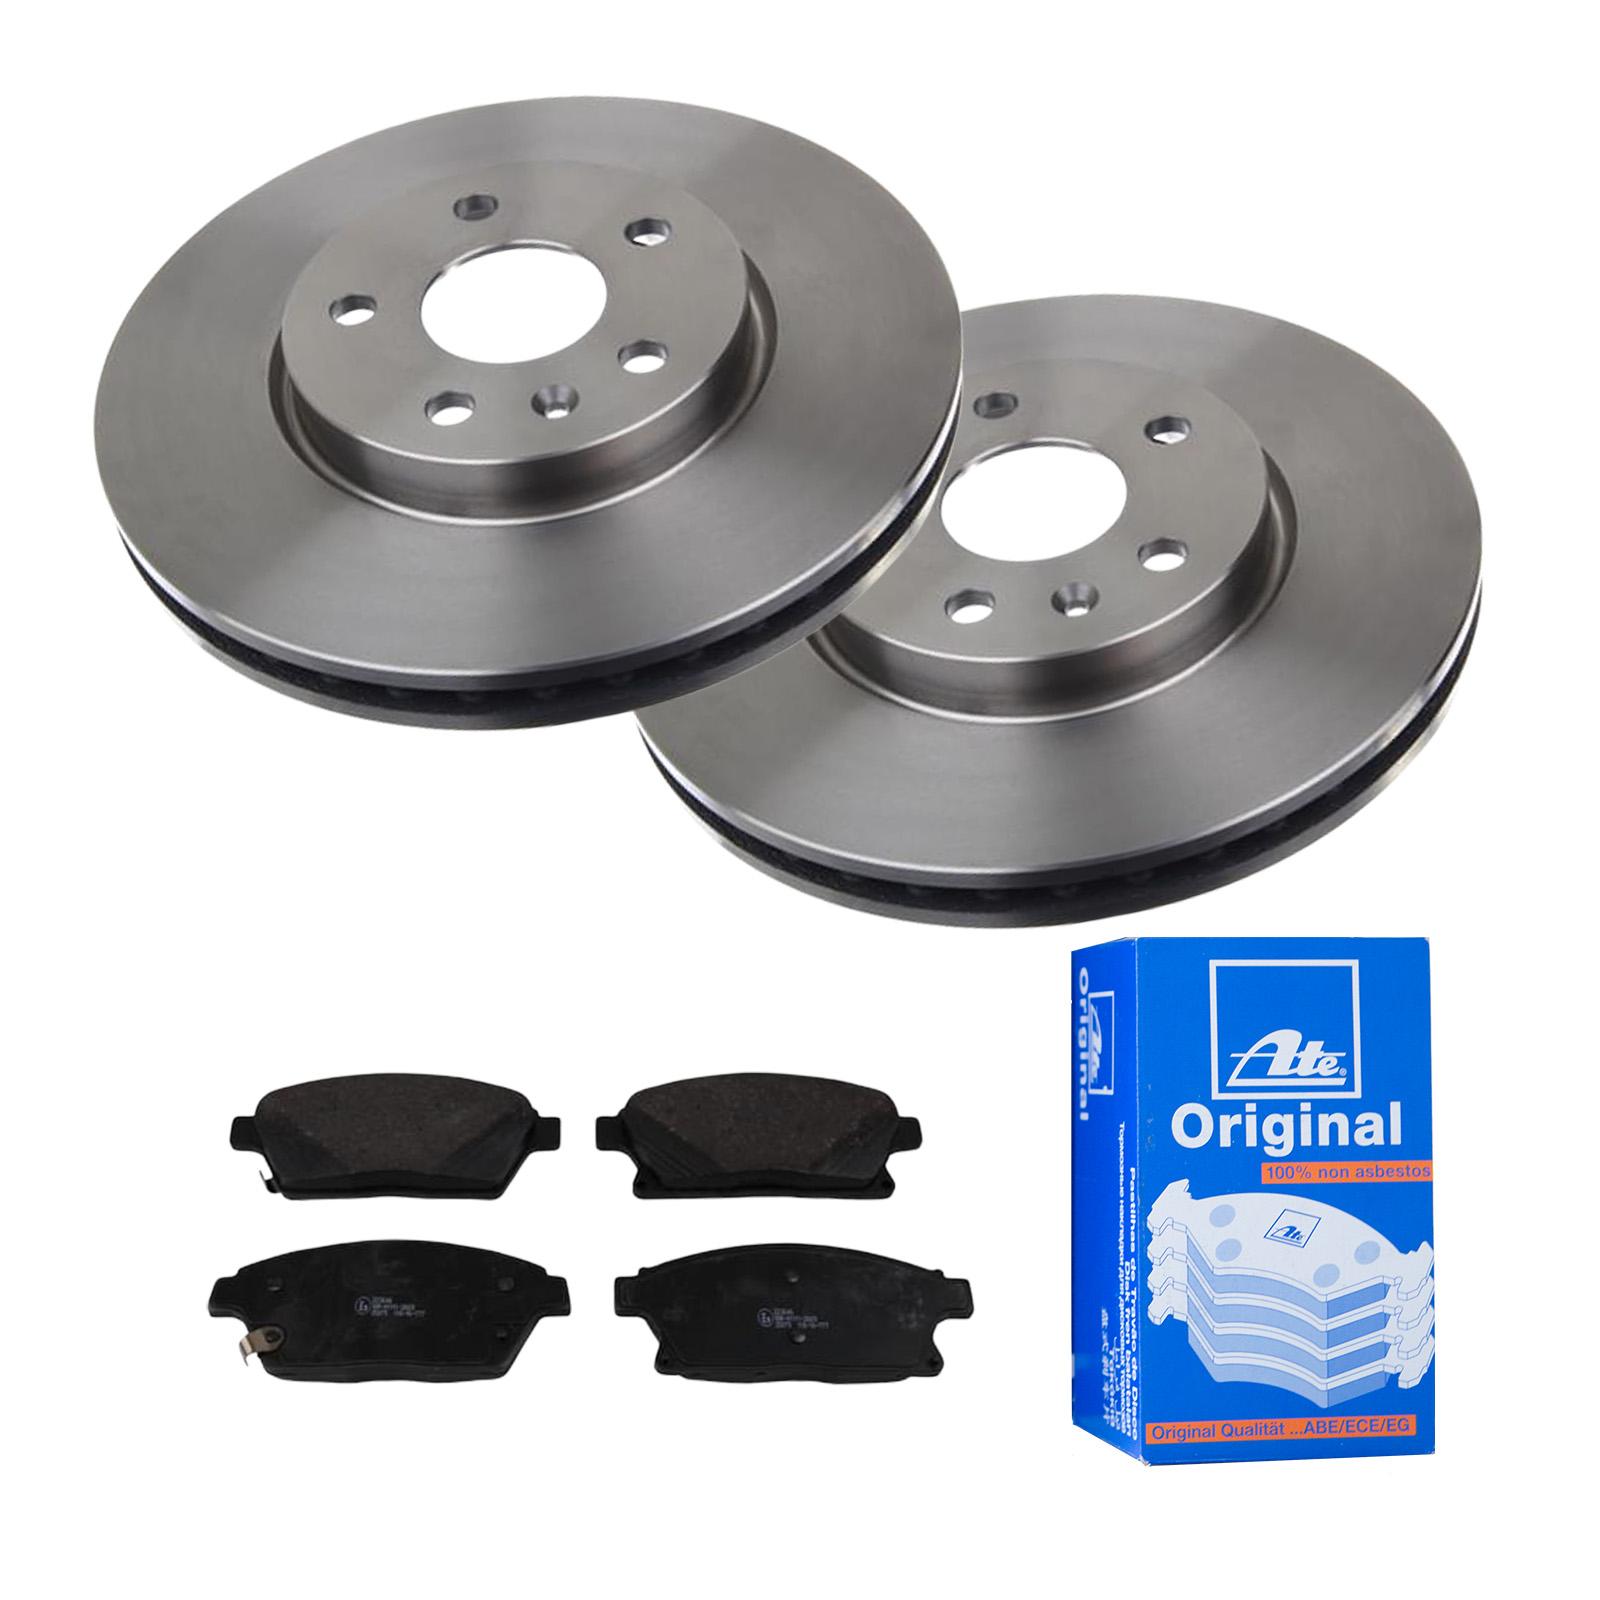 Bremsbeläge Vorne Bremsen-Set ATE2 Bremsscheiben Belüftet 321 mm